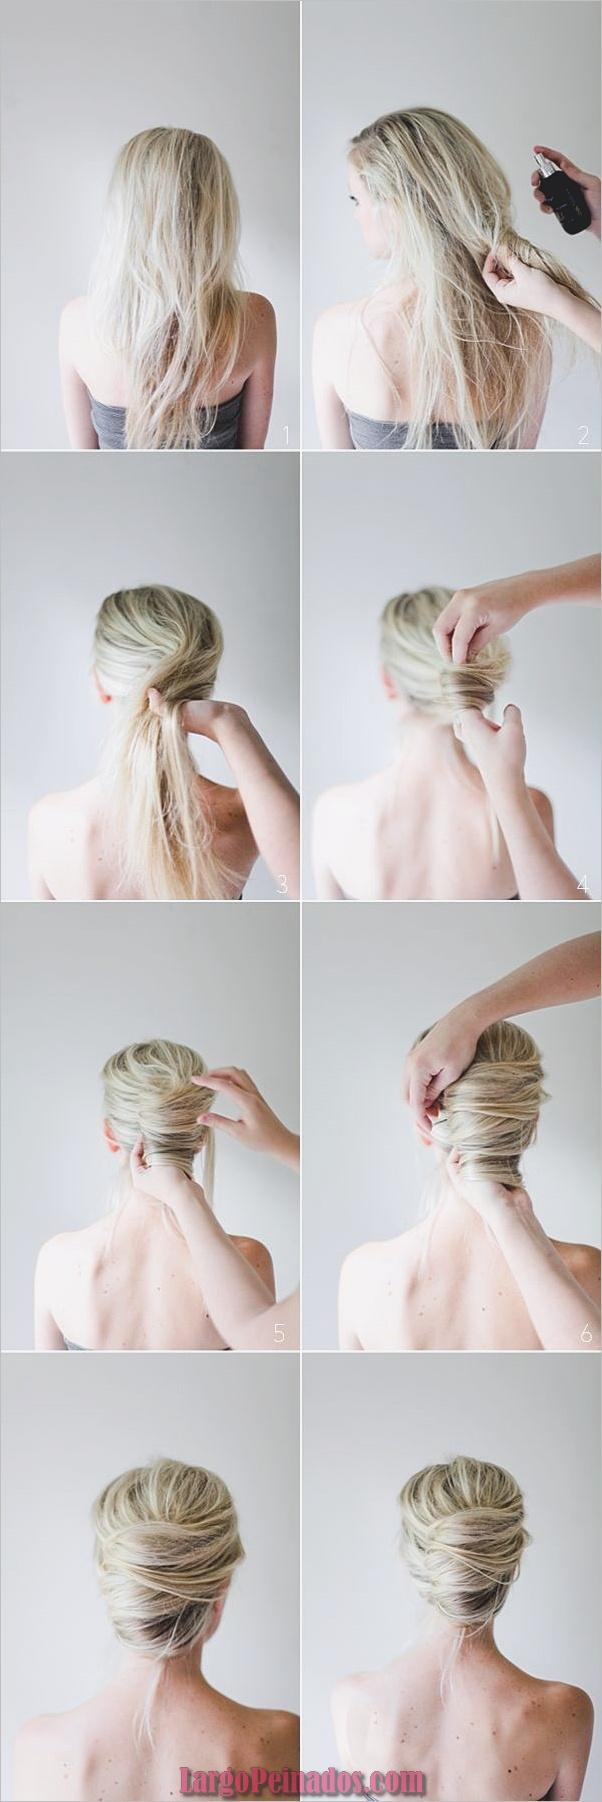 Peinados sucios para cabello largo y corto1 (9)